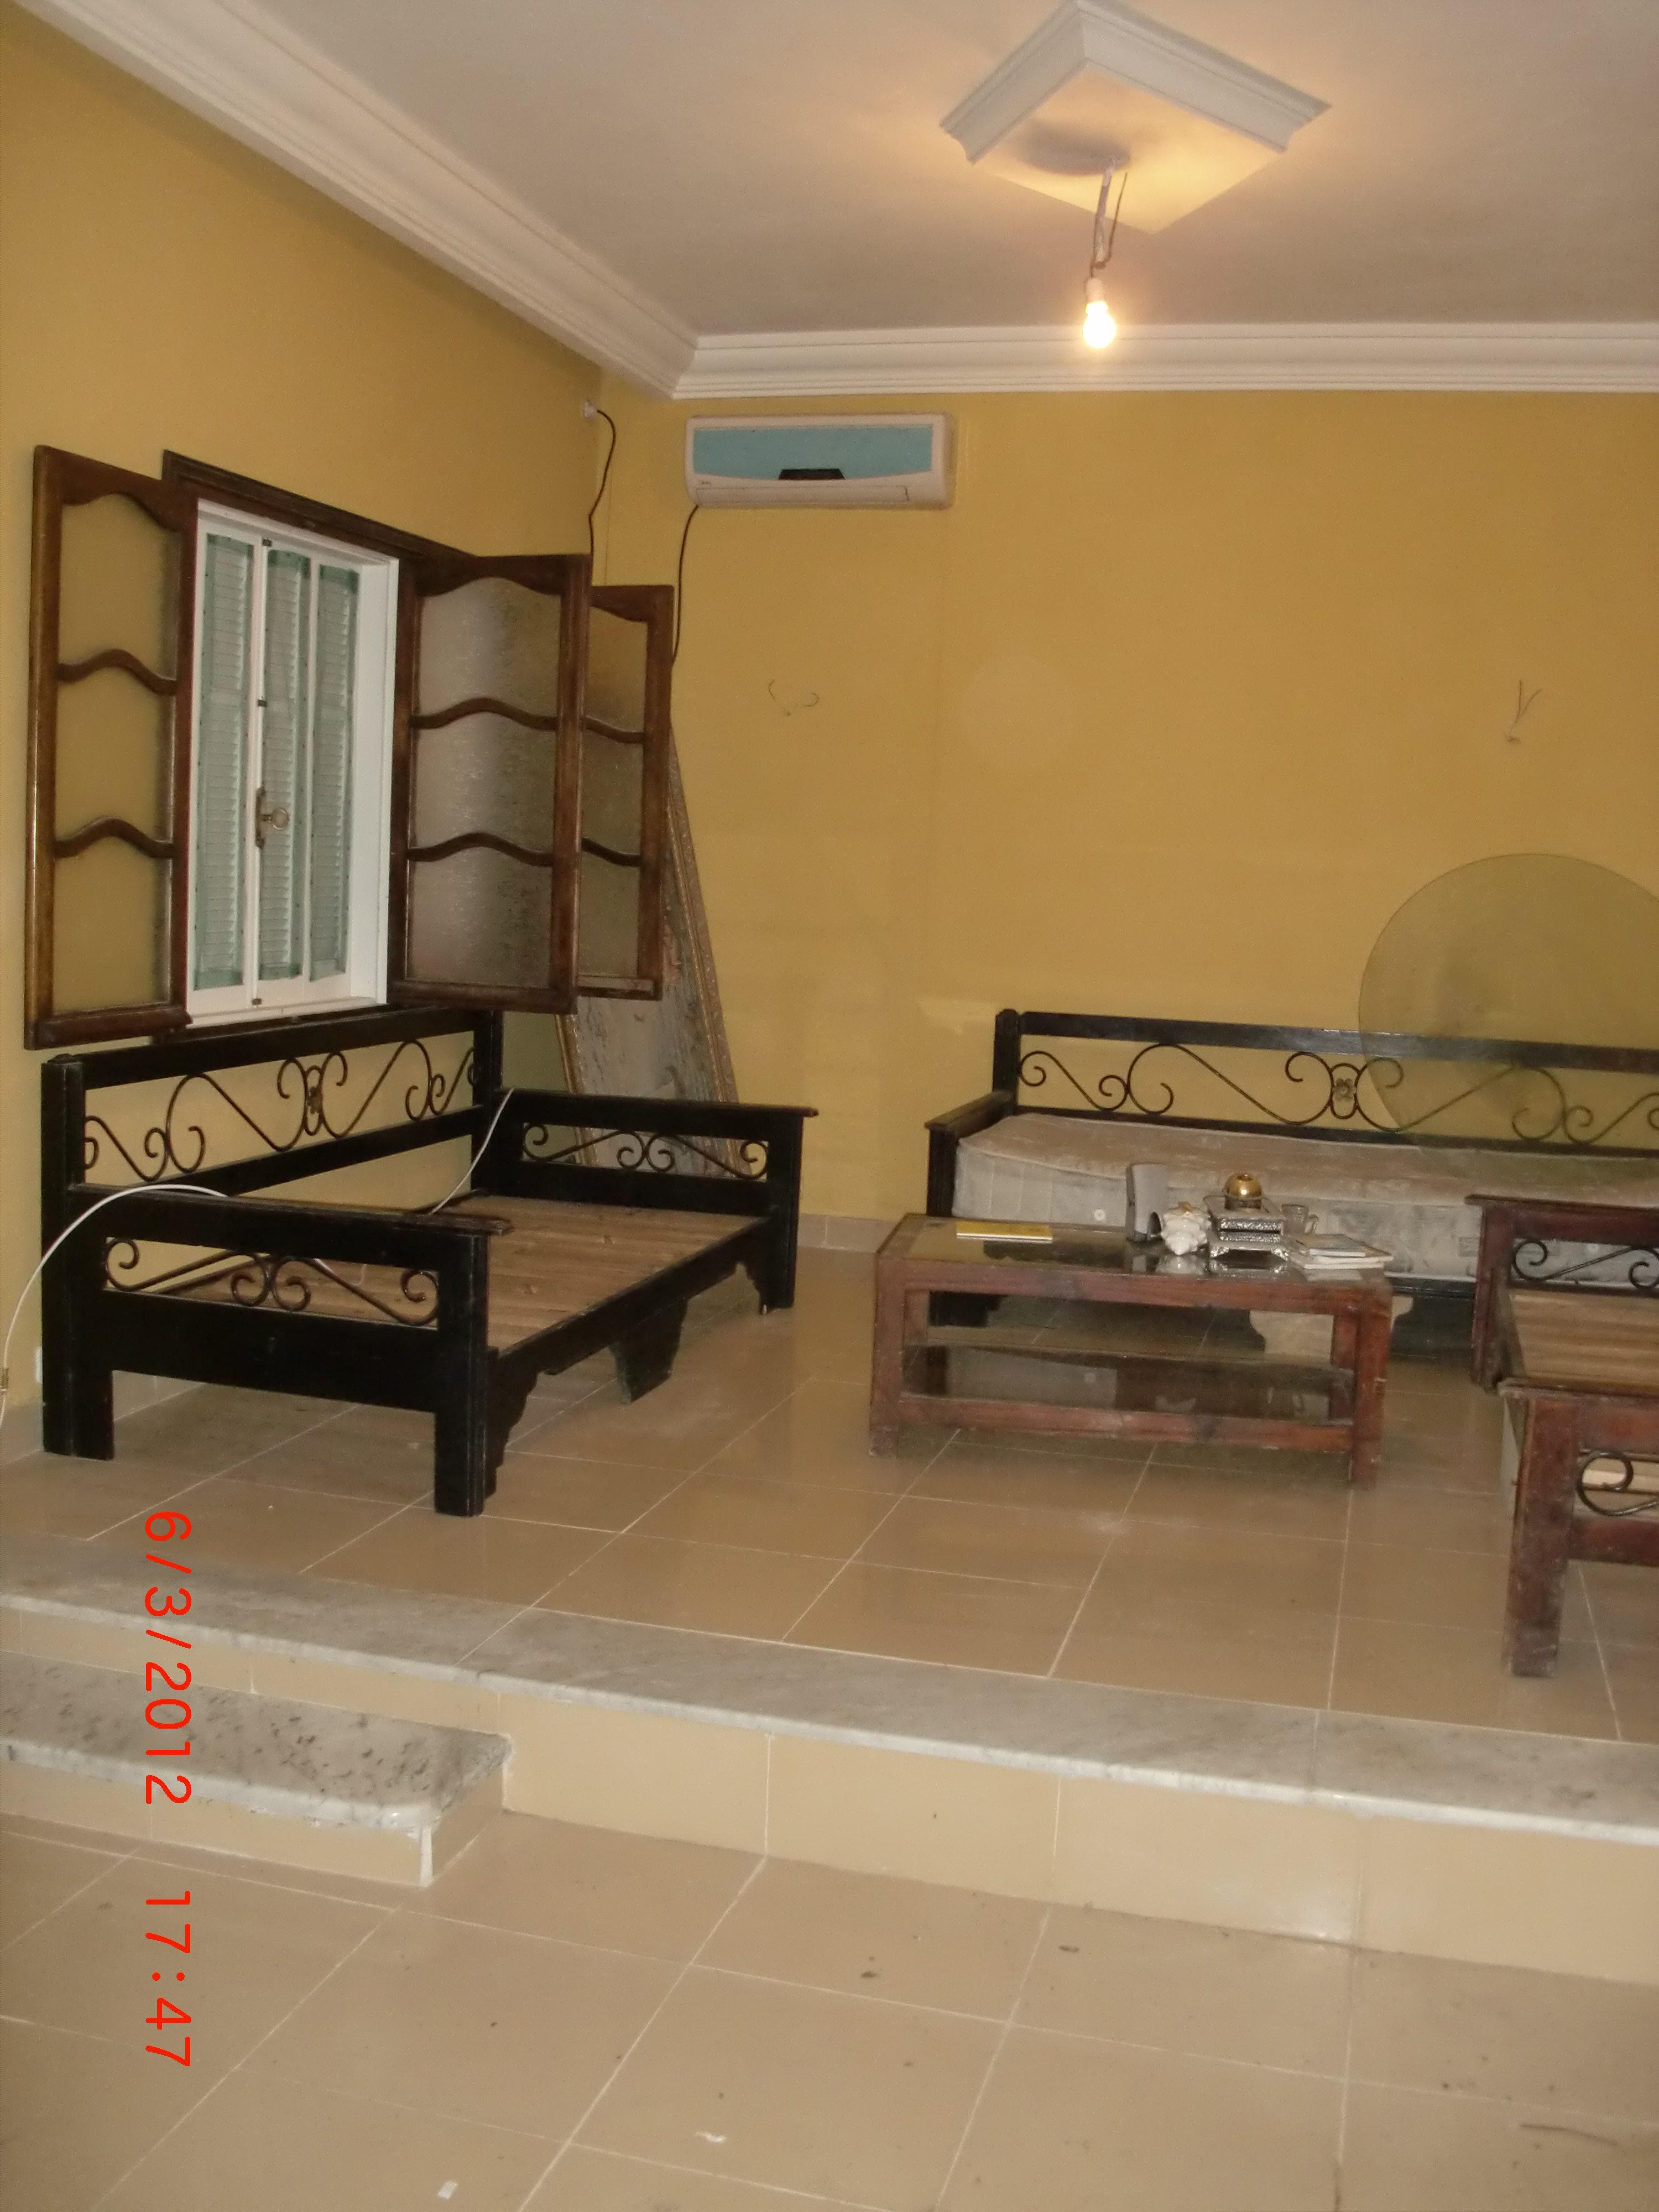 Vente salon moderne entunisie for Achat maison tunisie